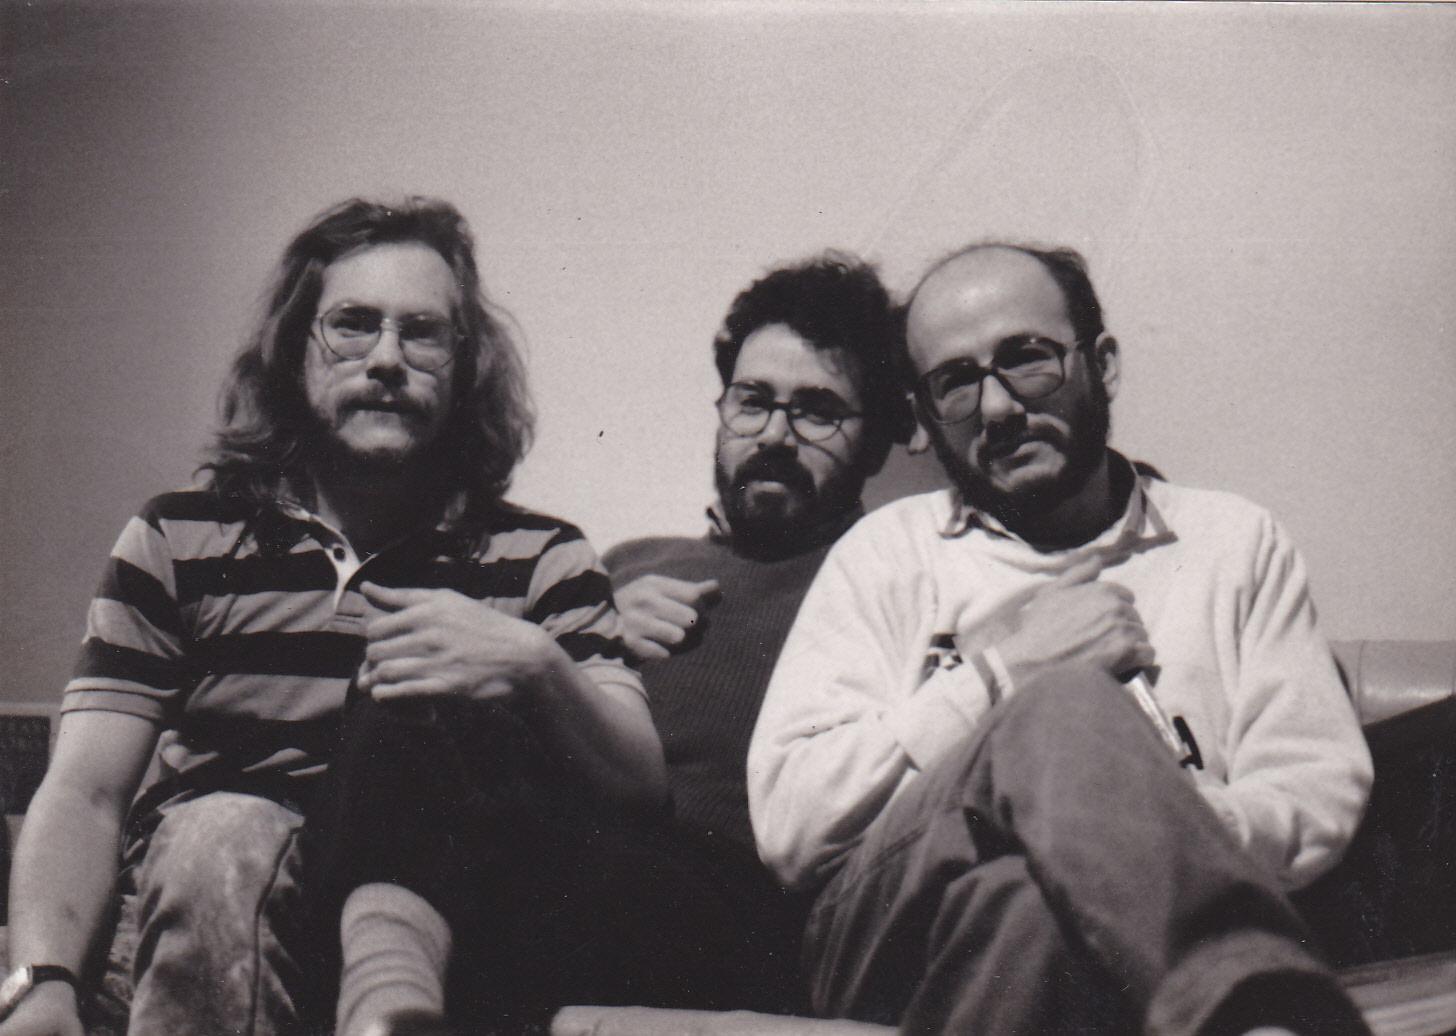 image from Poetas Neoberracos: Noel Jardines, Gabriel Jaime Caro y Jesús Blas Comas